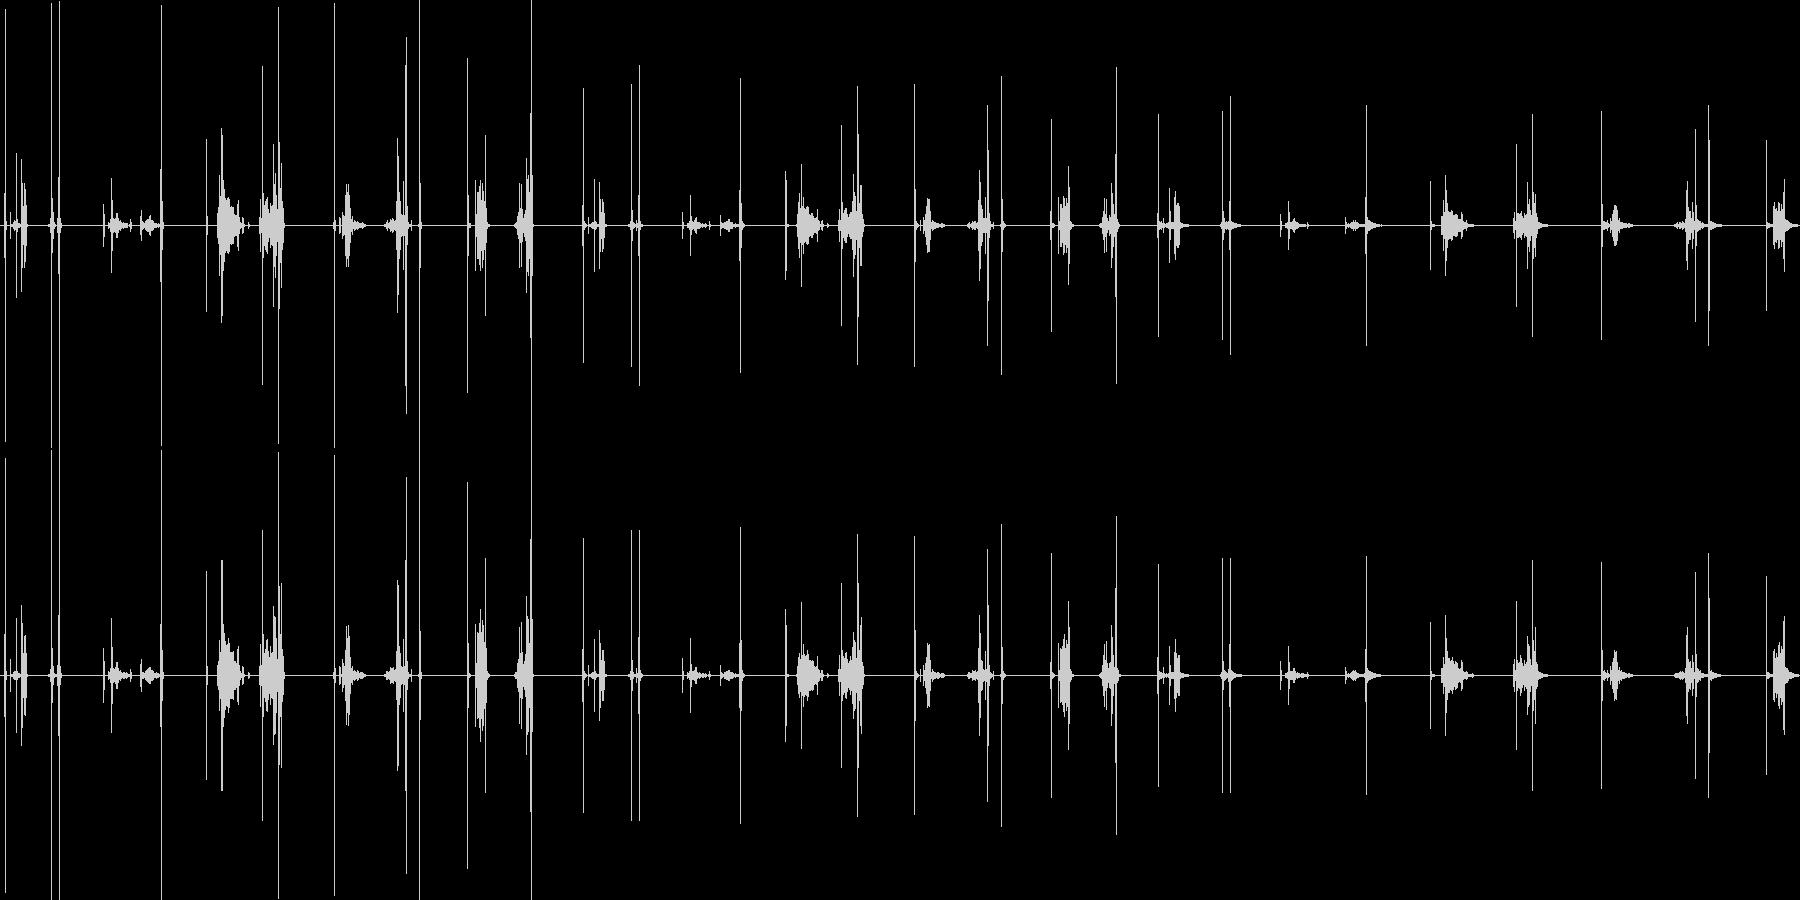 引き出し、ロック付き、5バージョン...の未再生の波形